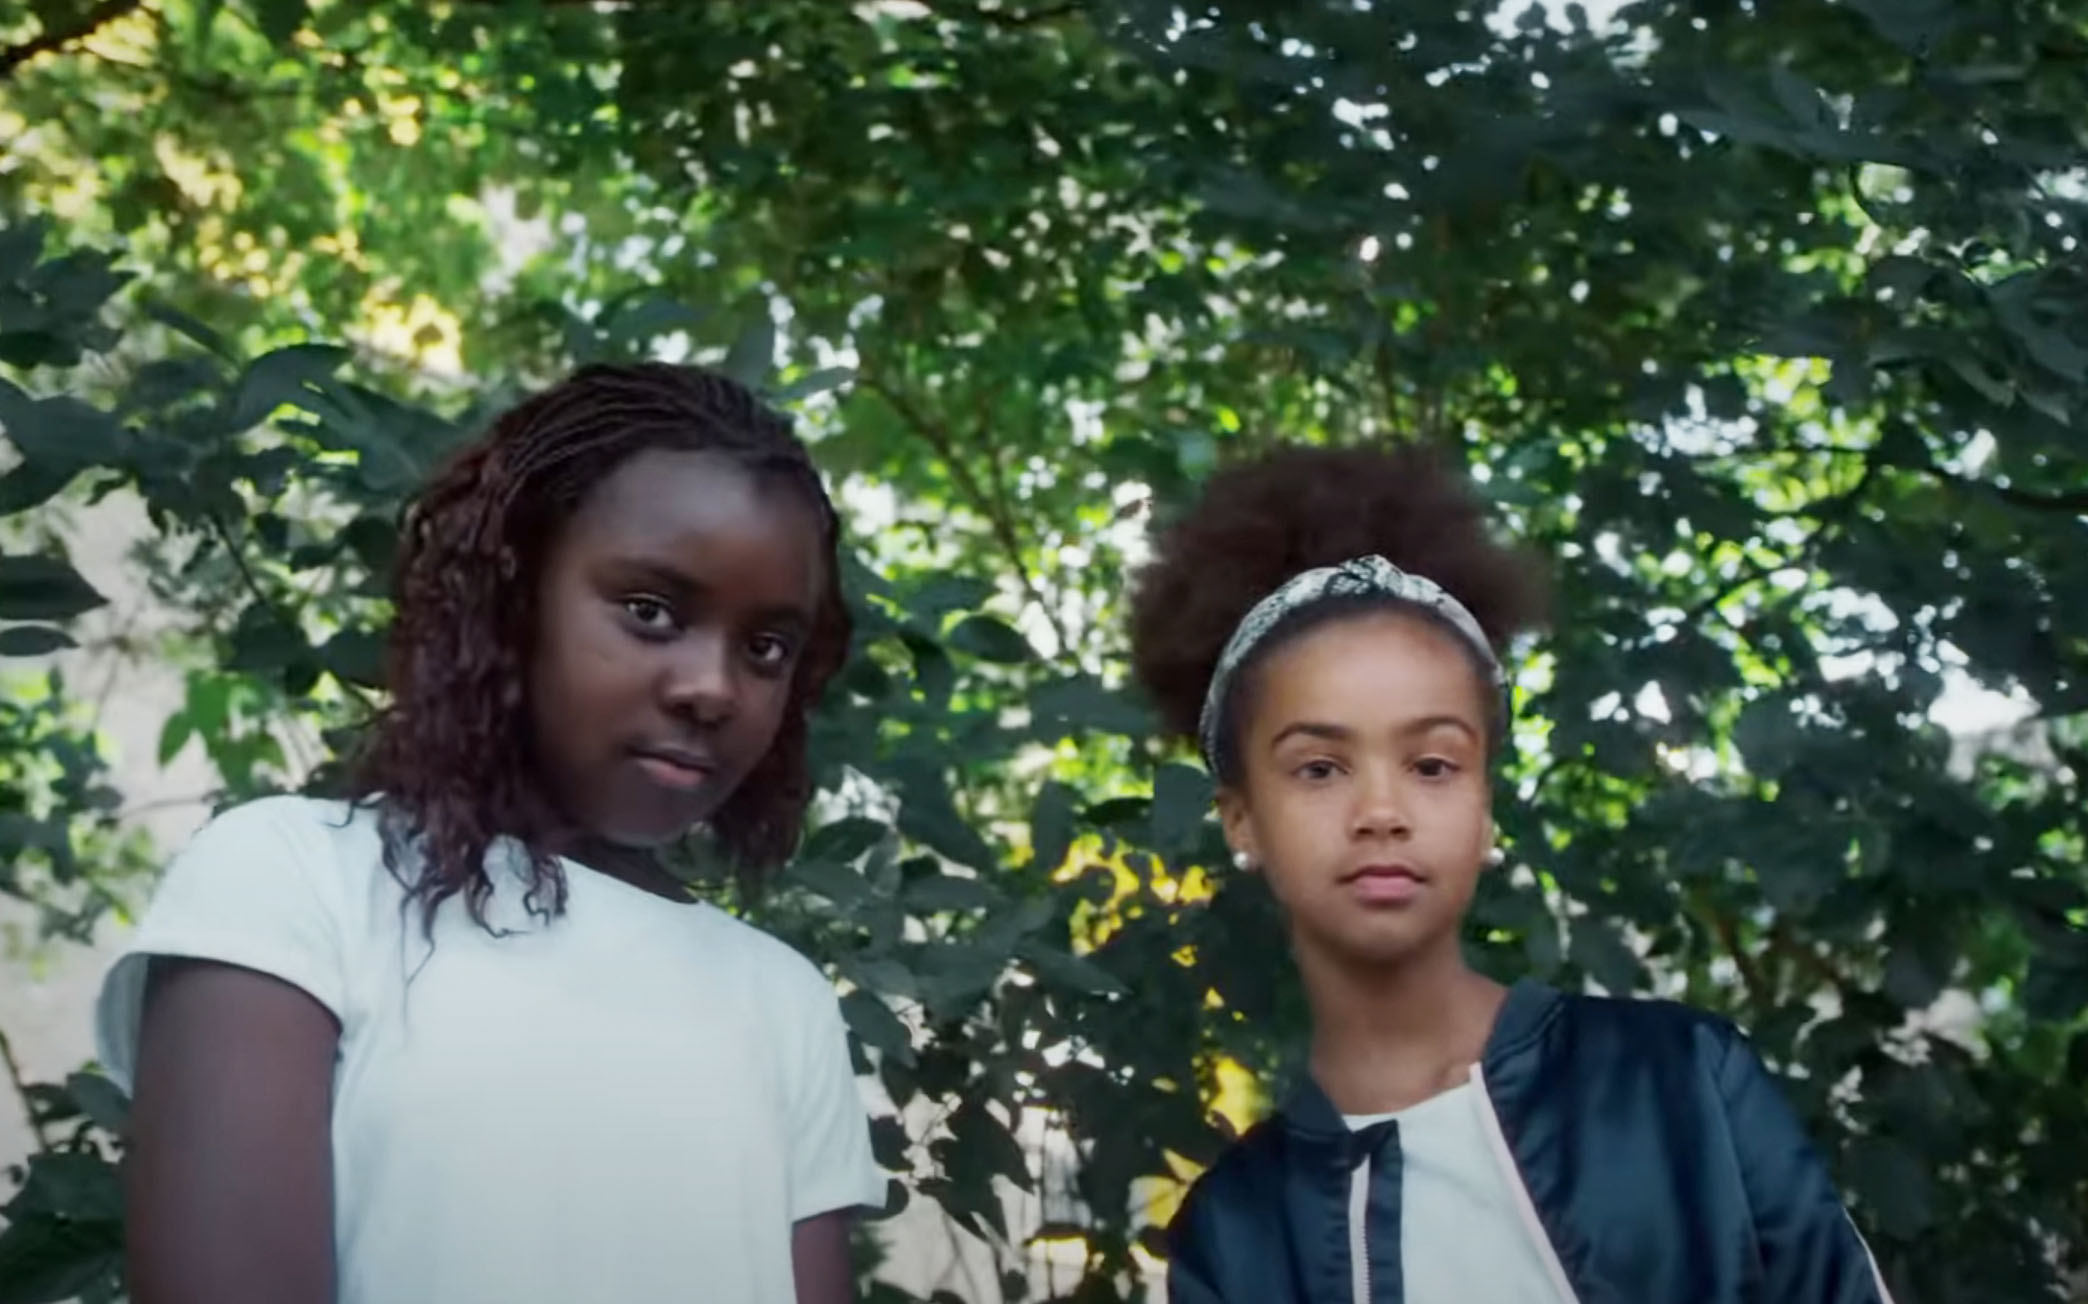 Bilde fra musikkvideoen (Kristoffer Nylund Grindheim)